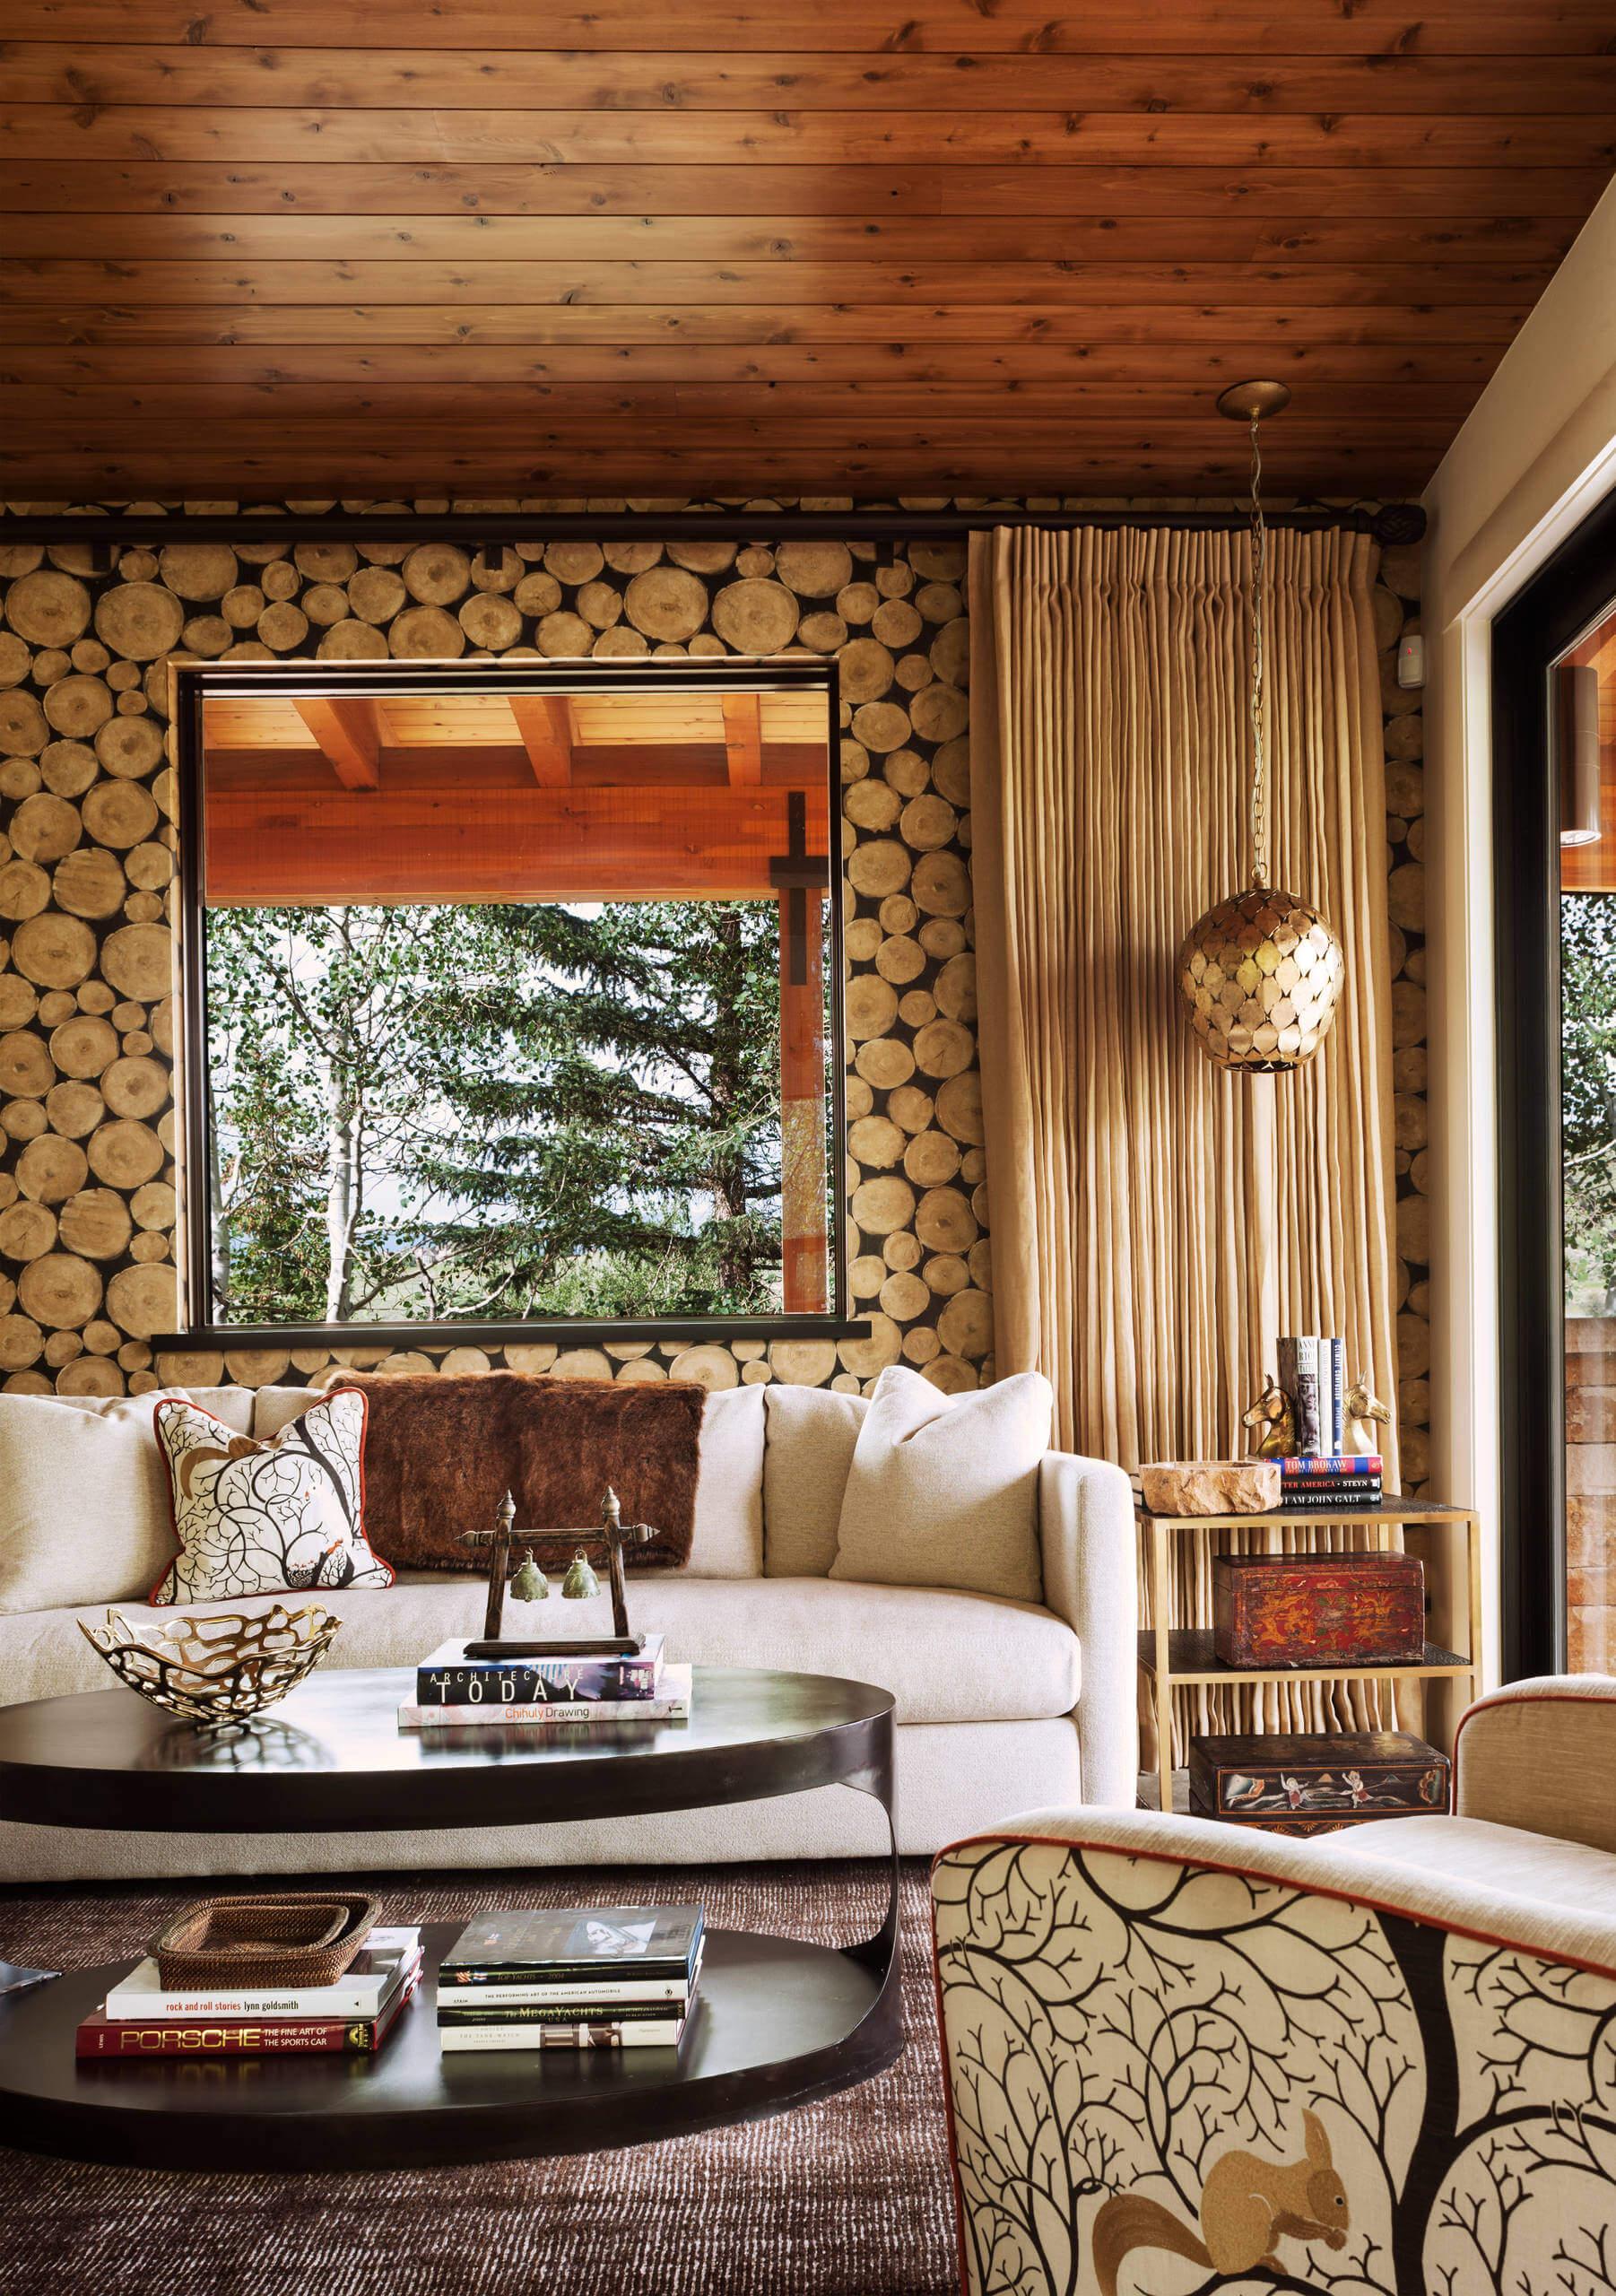 Rustic-vail-valley-retreat-andrea-schumacher-interiors-07